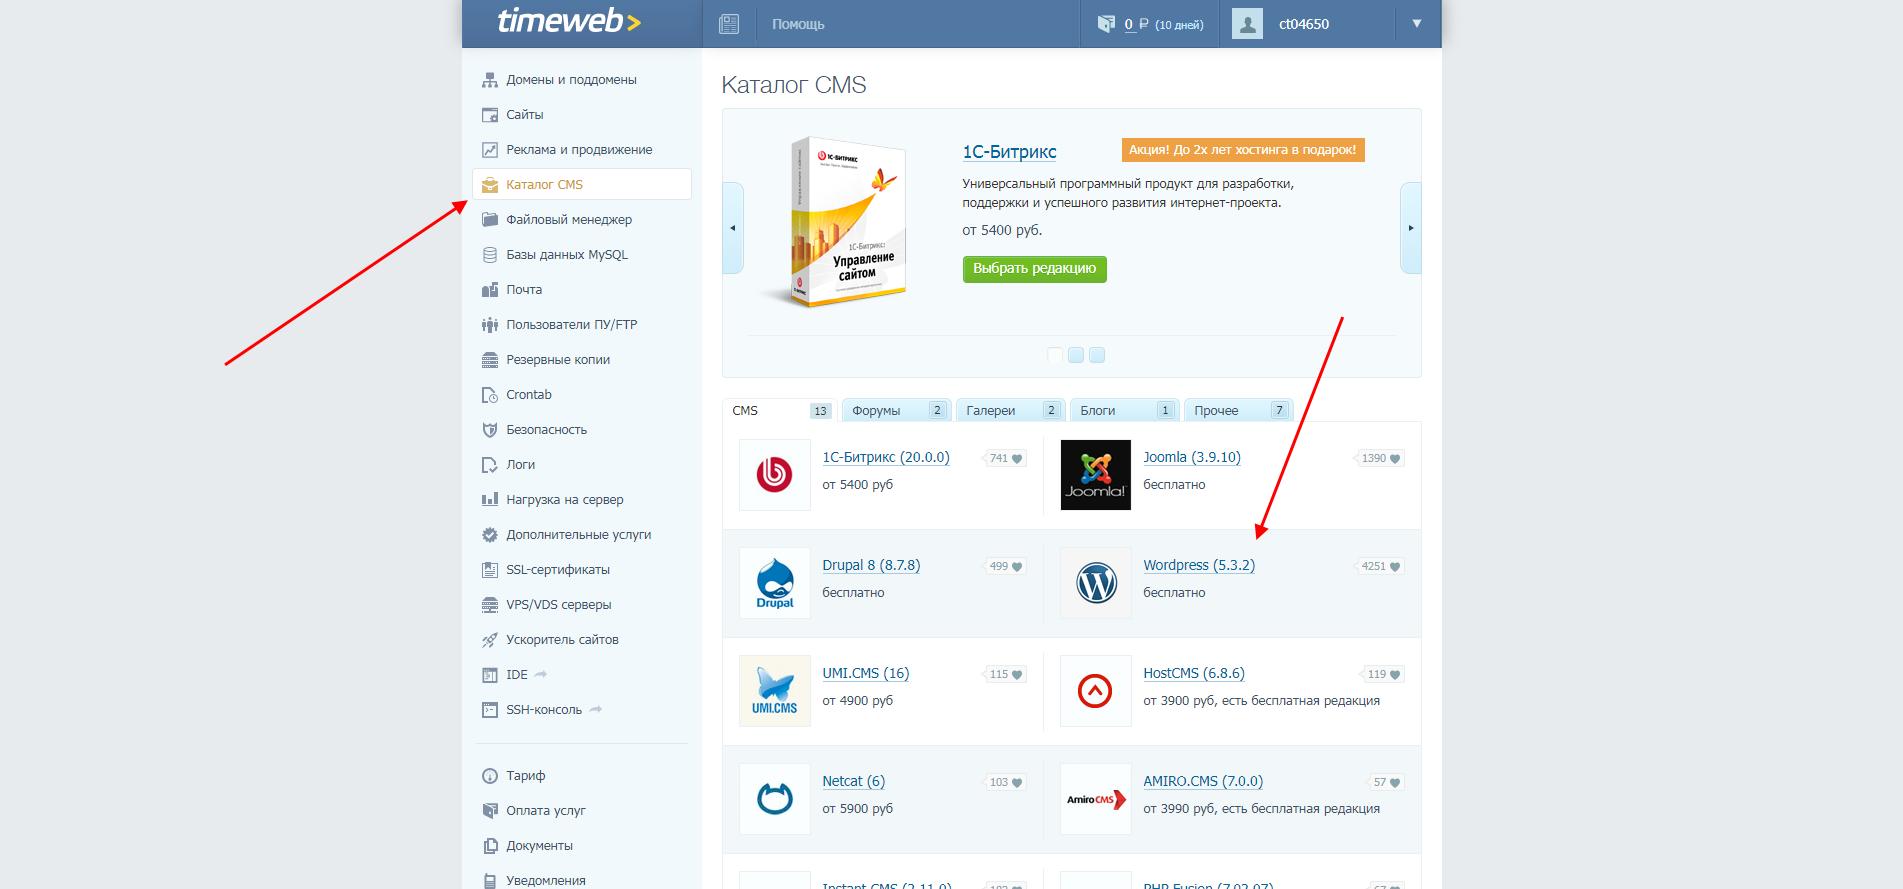 Как на Timeweb установить WordPress